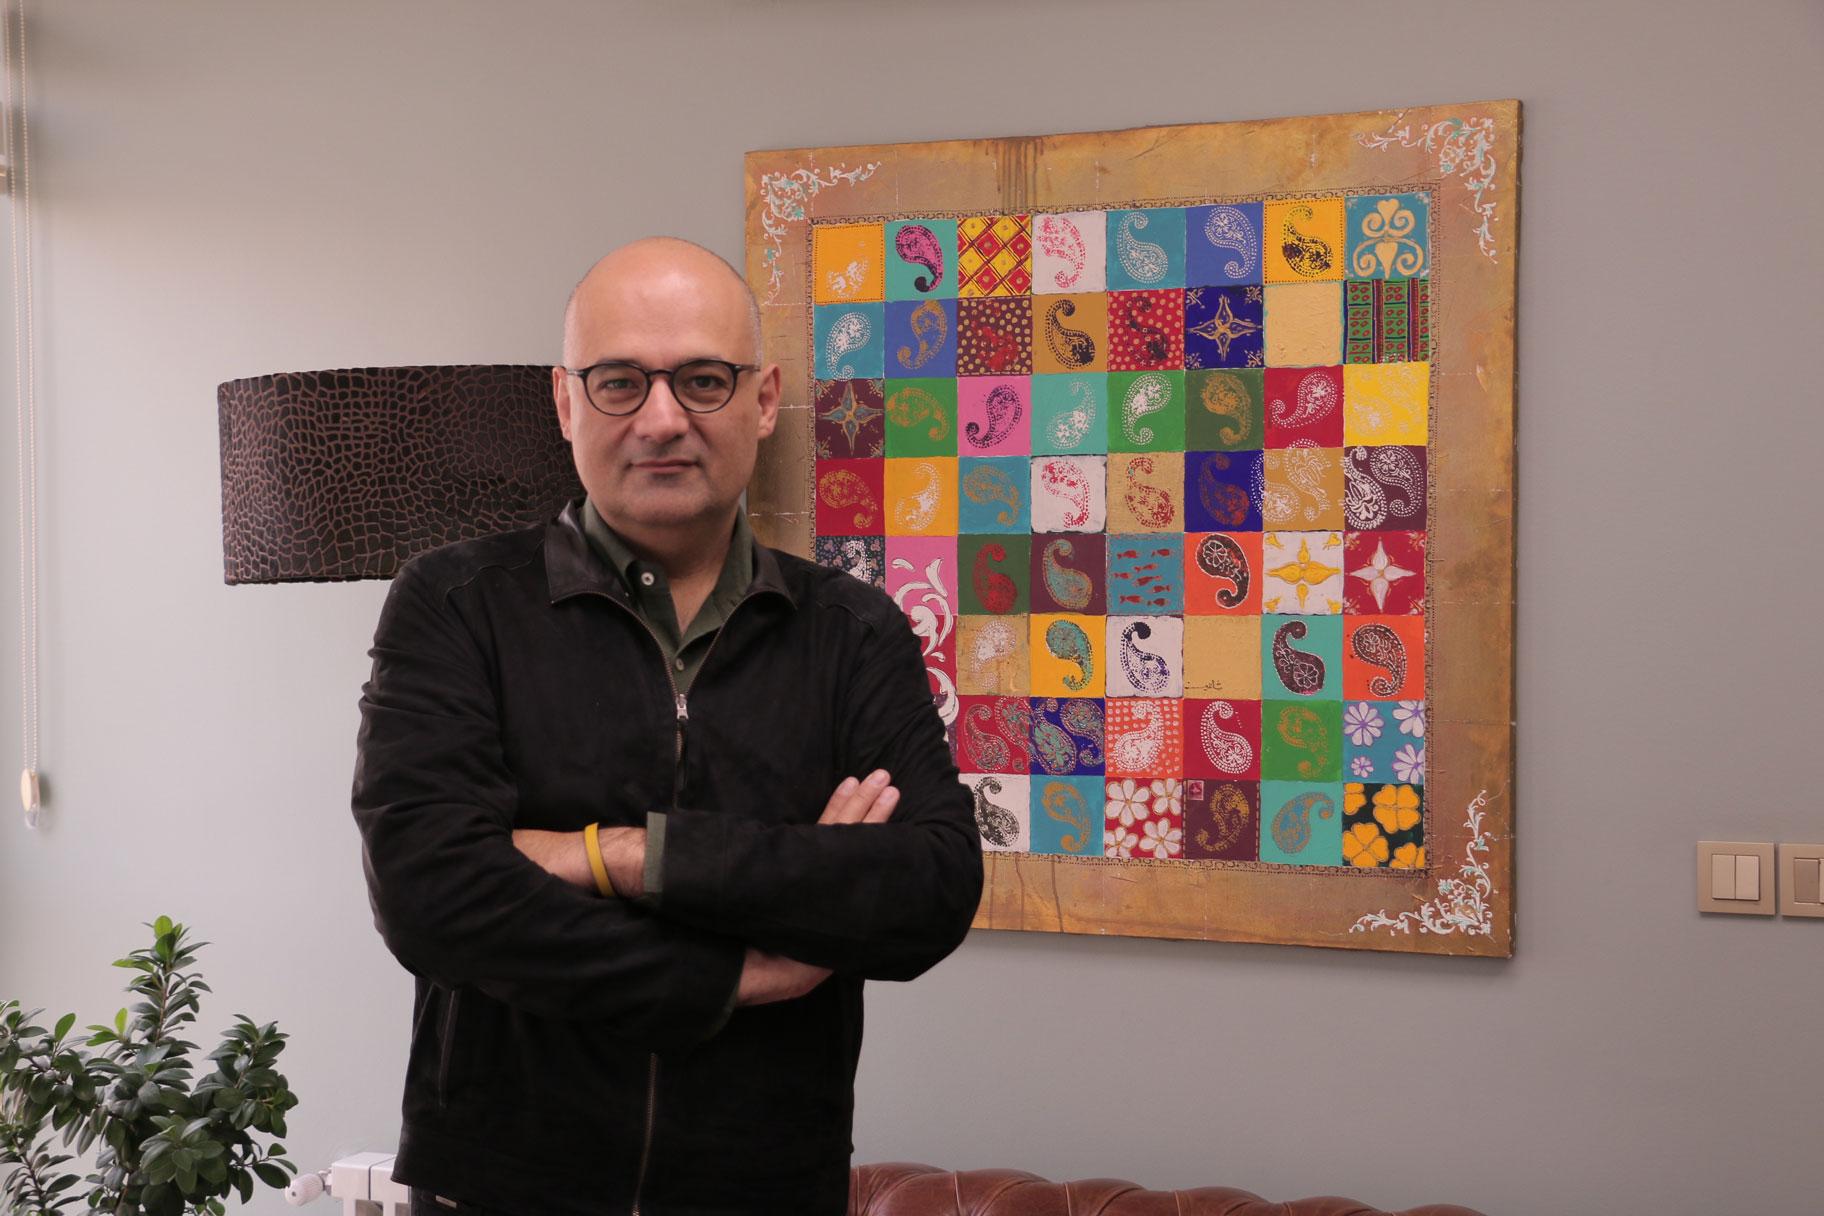 آقای شاهین فاطمی در کنار تابلویی با طراحی خودشون در دفتر درسا.